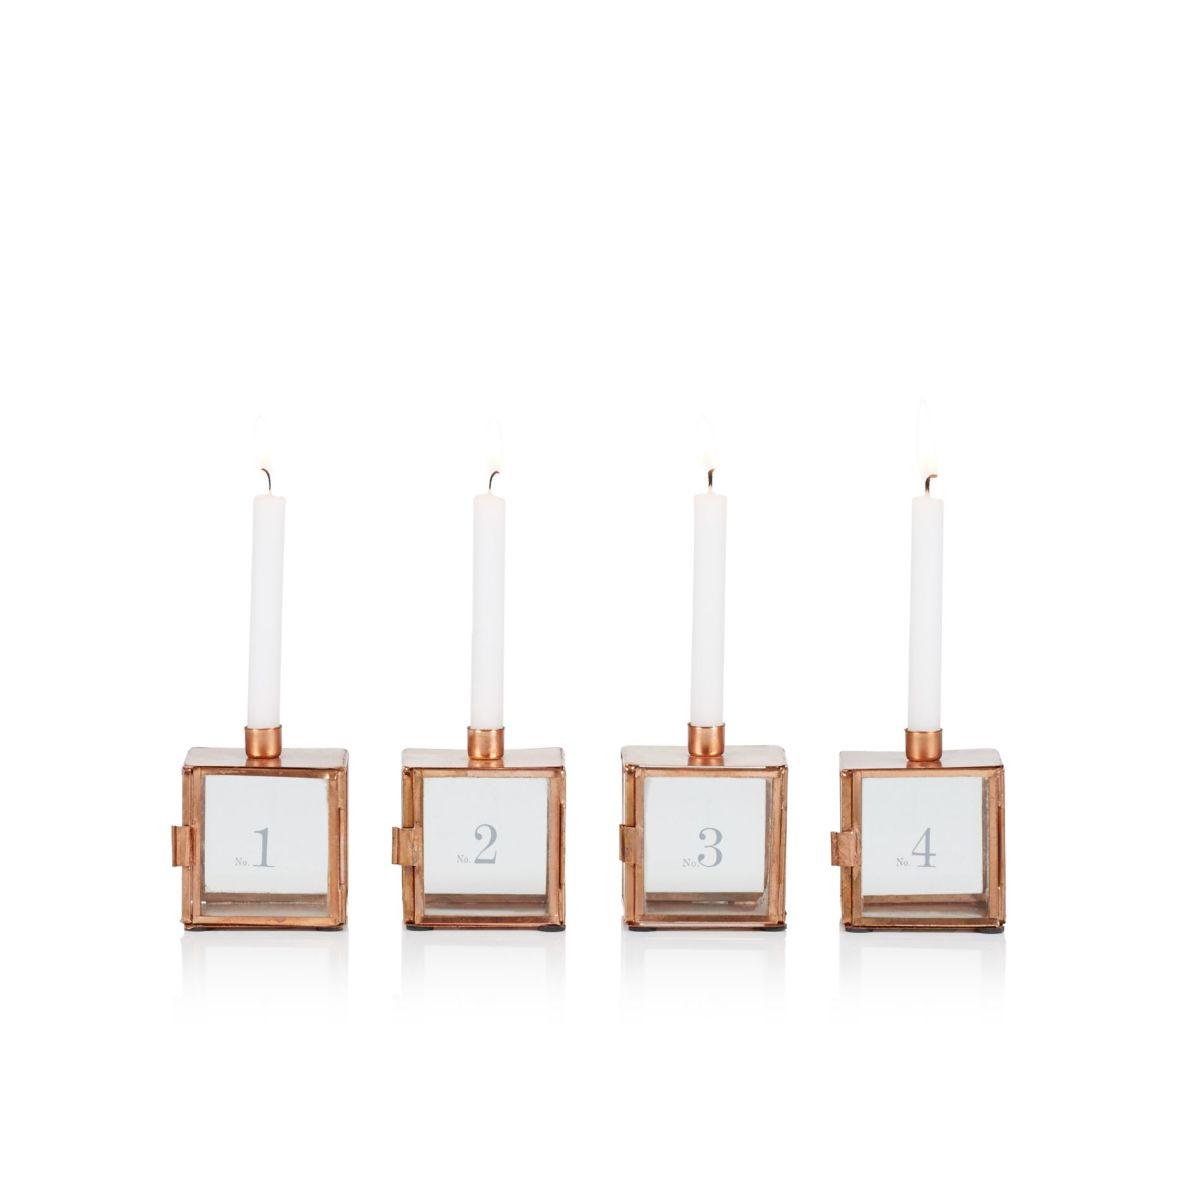 Kerzenhalter-Set, 4-tlg., Metall, Glas (Impressionen)